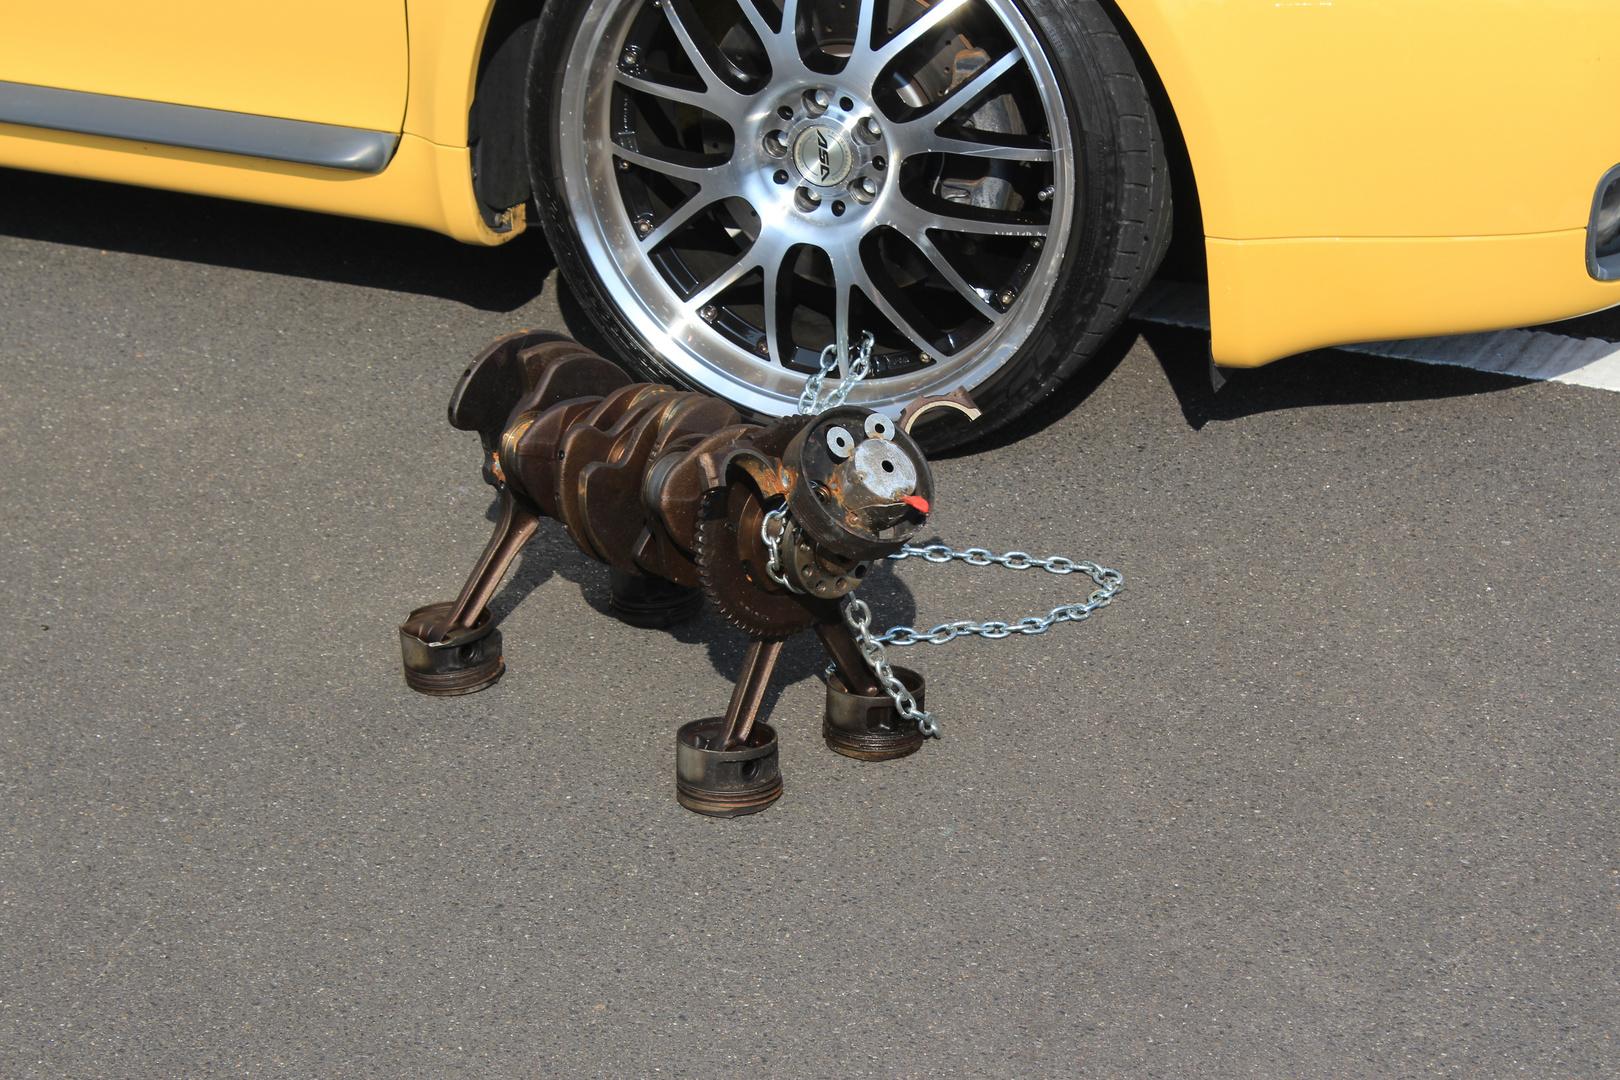 Motorhund Foto & Bild | industrie und technik, technik-details, hund ...